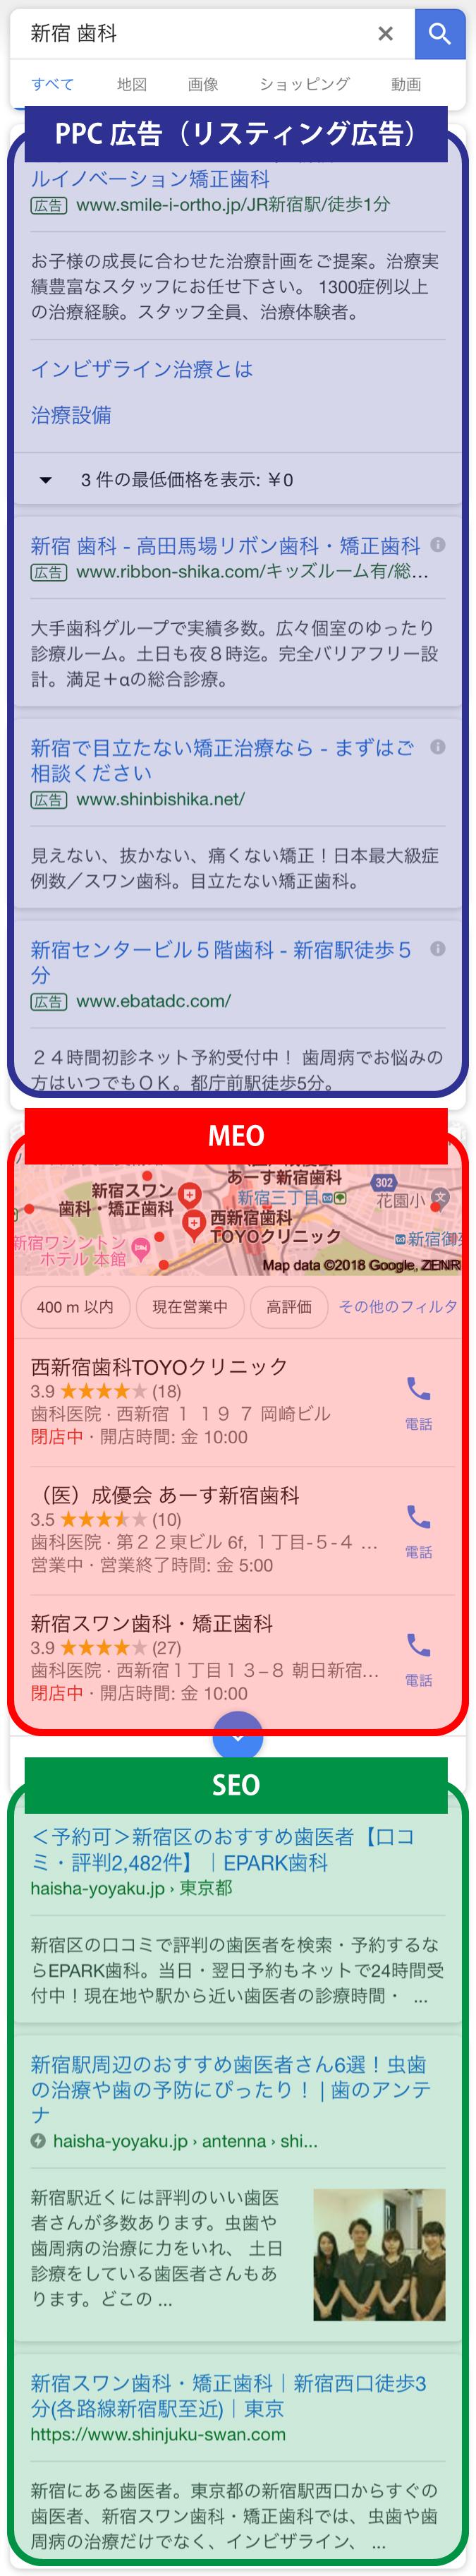 MEOとはイメージ2